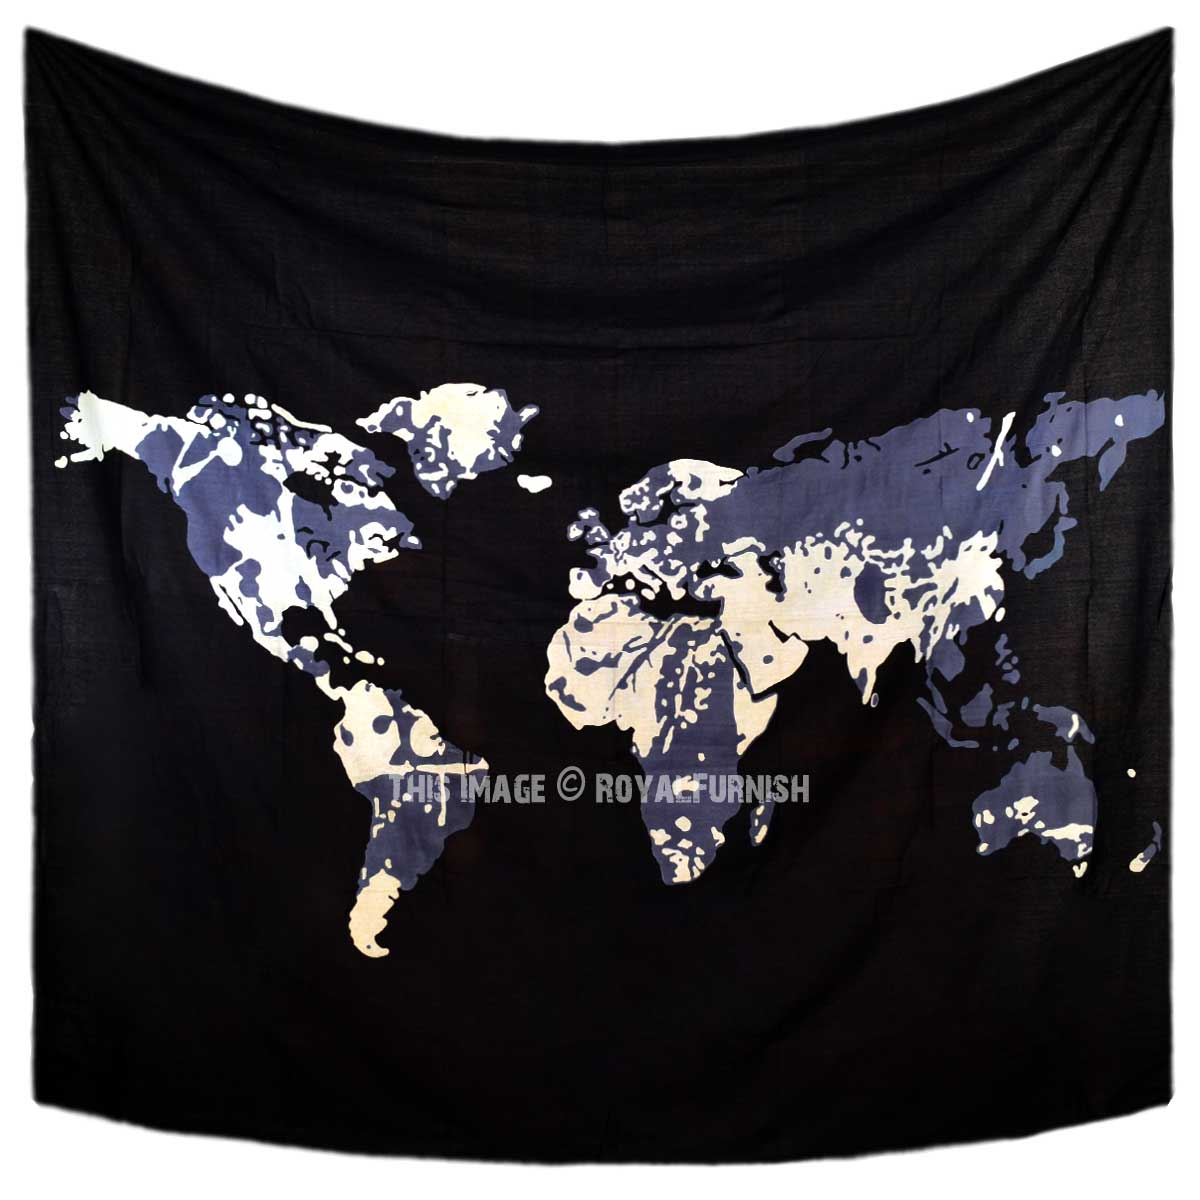 grey black multi world map wall tapestry atlas bedspread royalfurnishcom